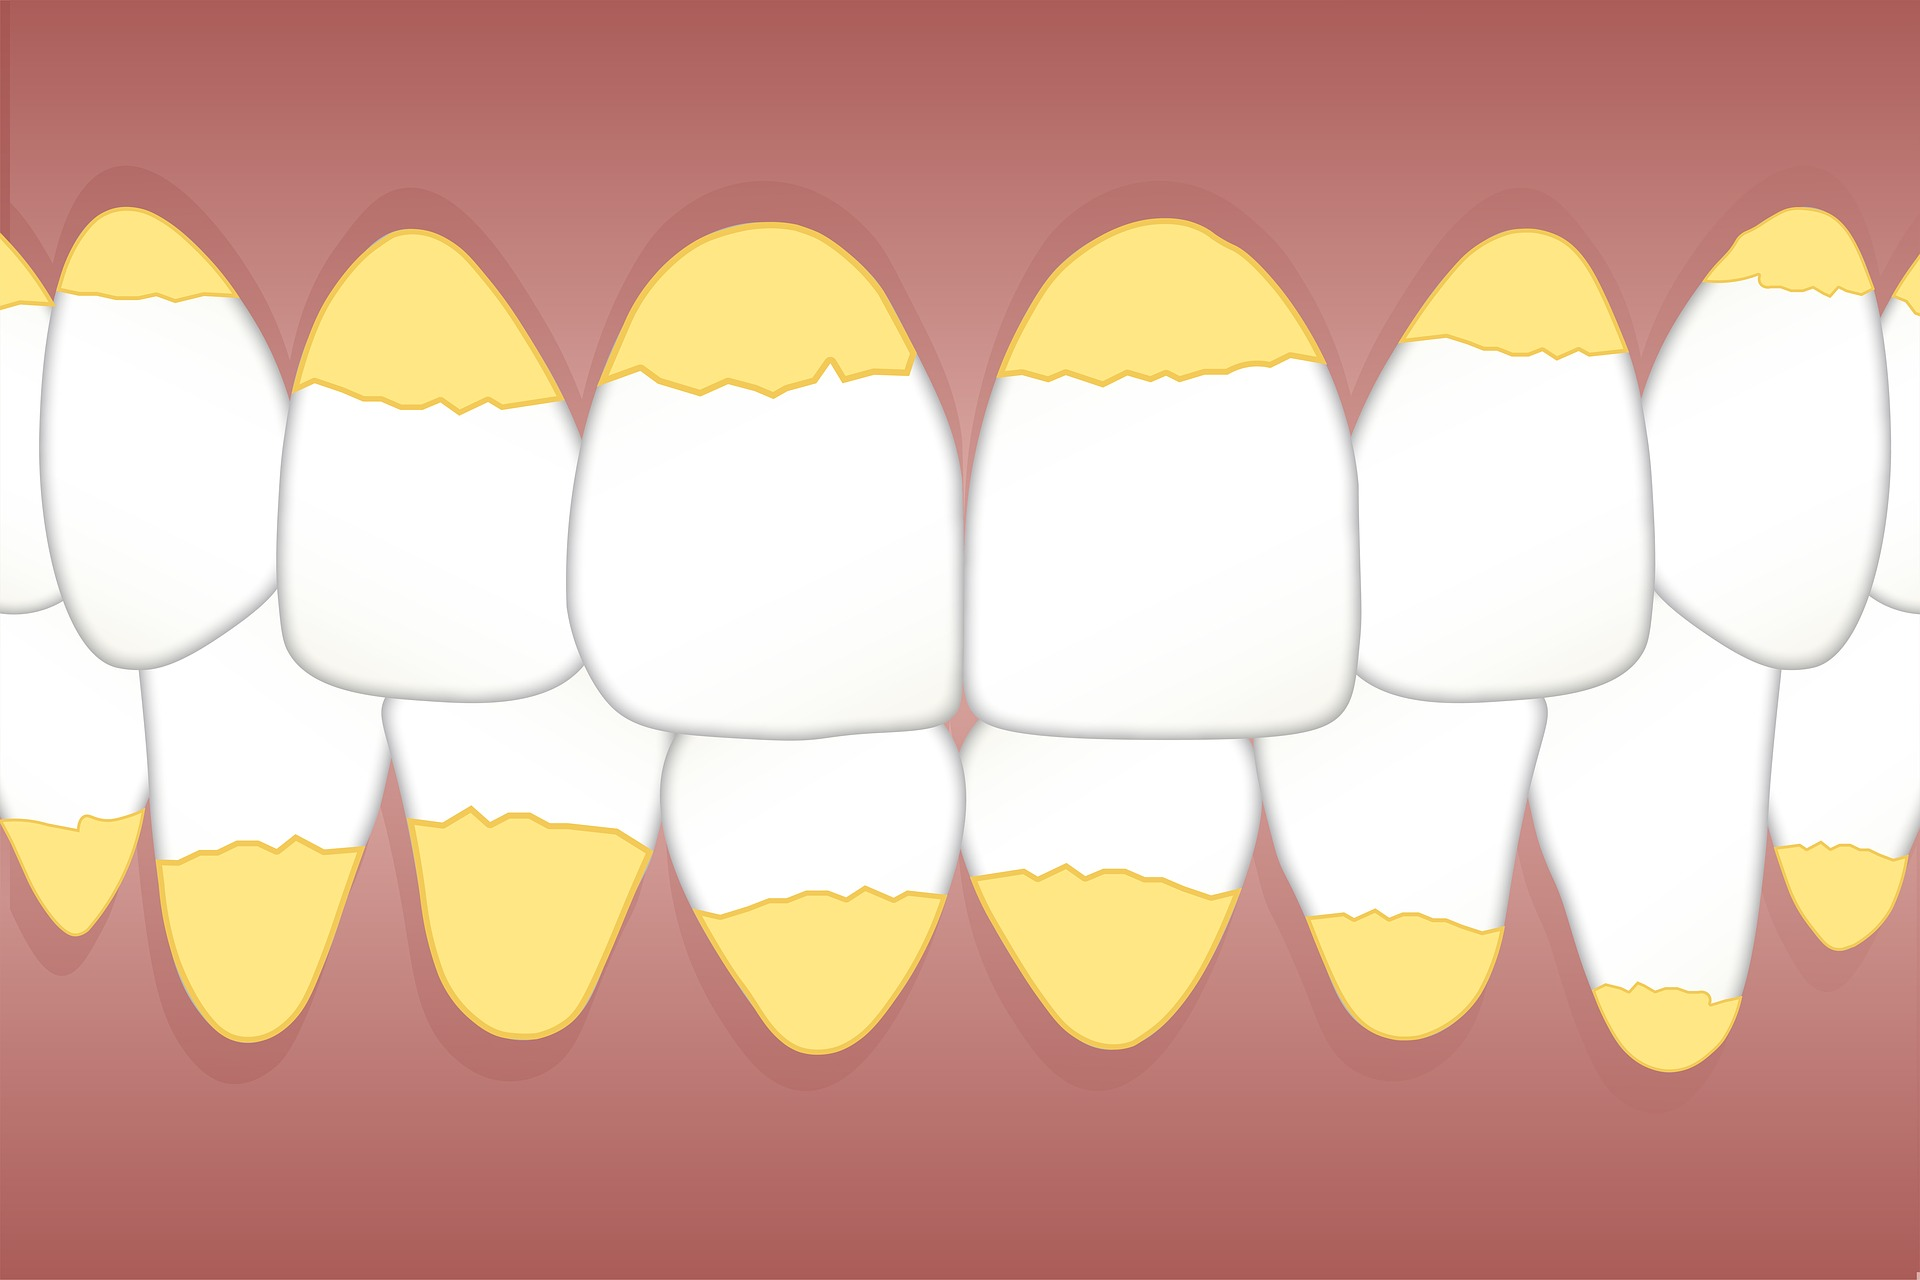 Dientes amarillos, causas, prevención y tratamientos